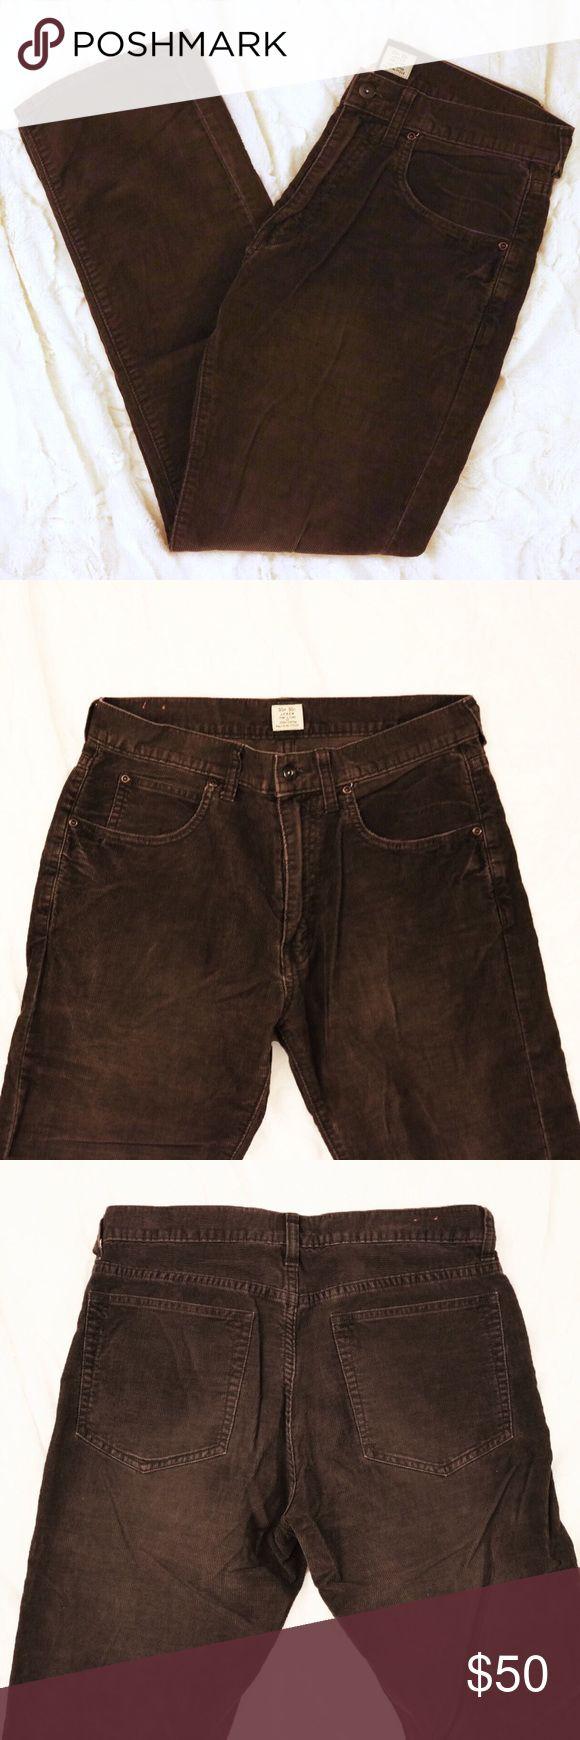 J. Crew Cord Pants Dark brown corduroy pants with a straight leg style. 30w 30l. 100% cotton J. Crew Pants Corduroy